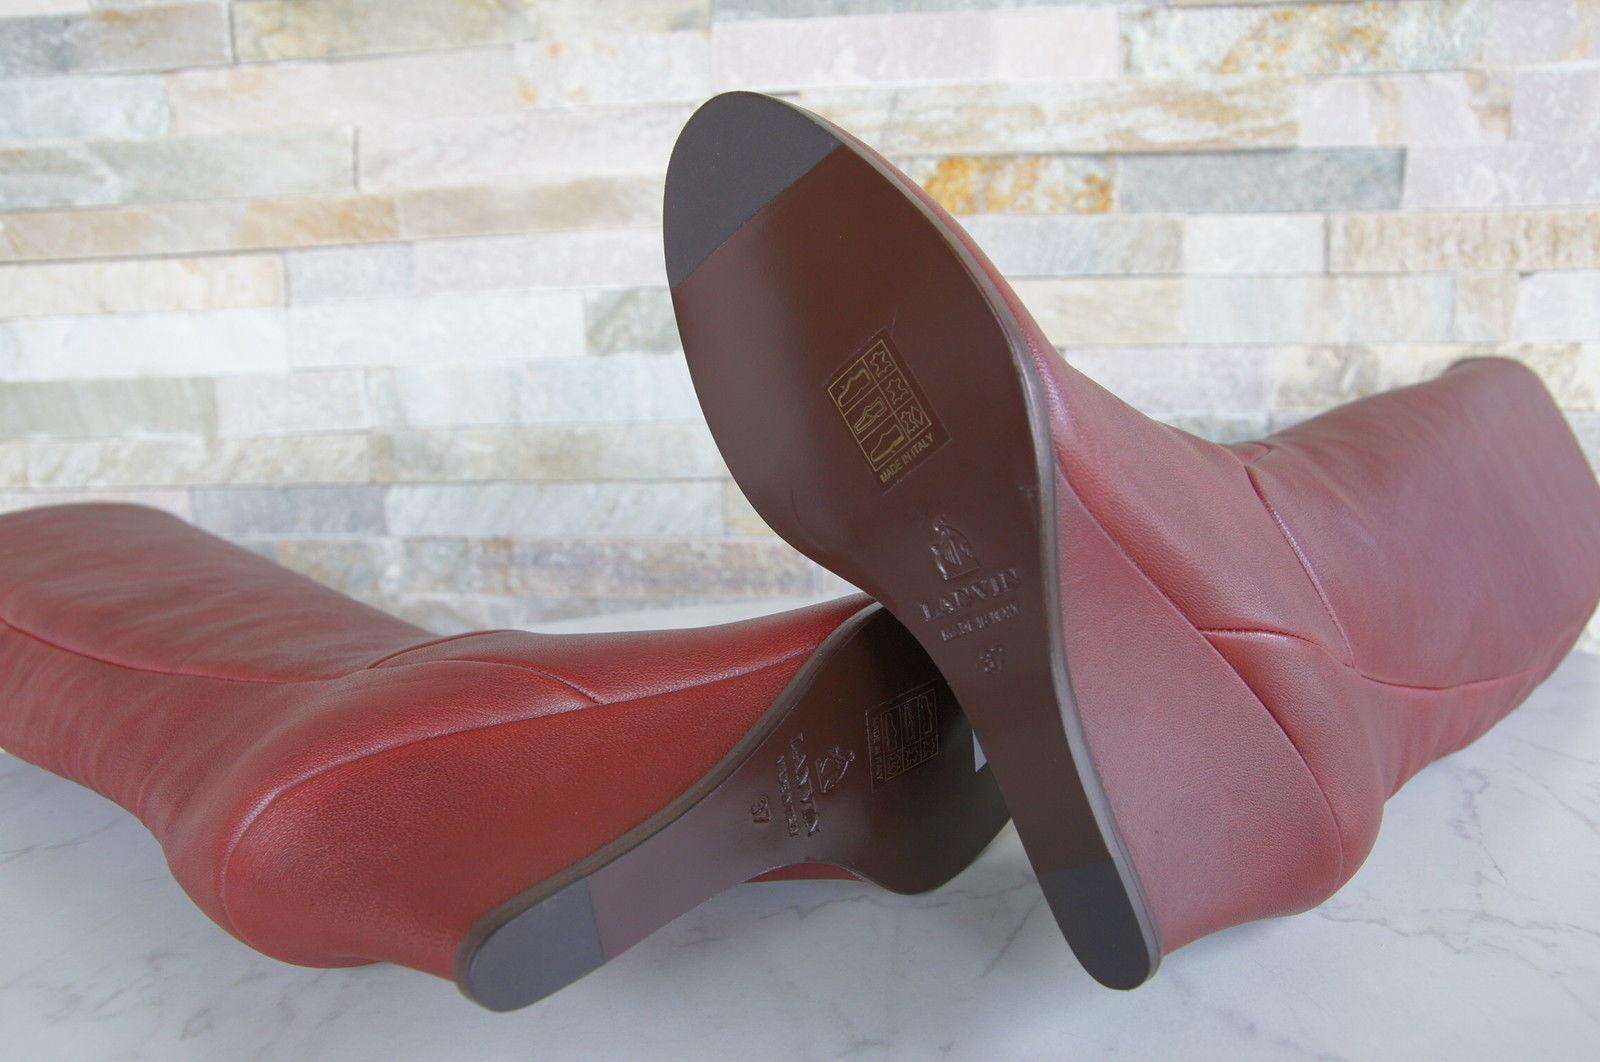 Luxe LANVIN T Bottes 36 Talons Bottes Boots Bottes T Chaussures Rouge Bordeaux Neuf Prix Recommandé e6b7c5